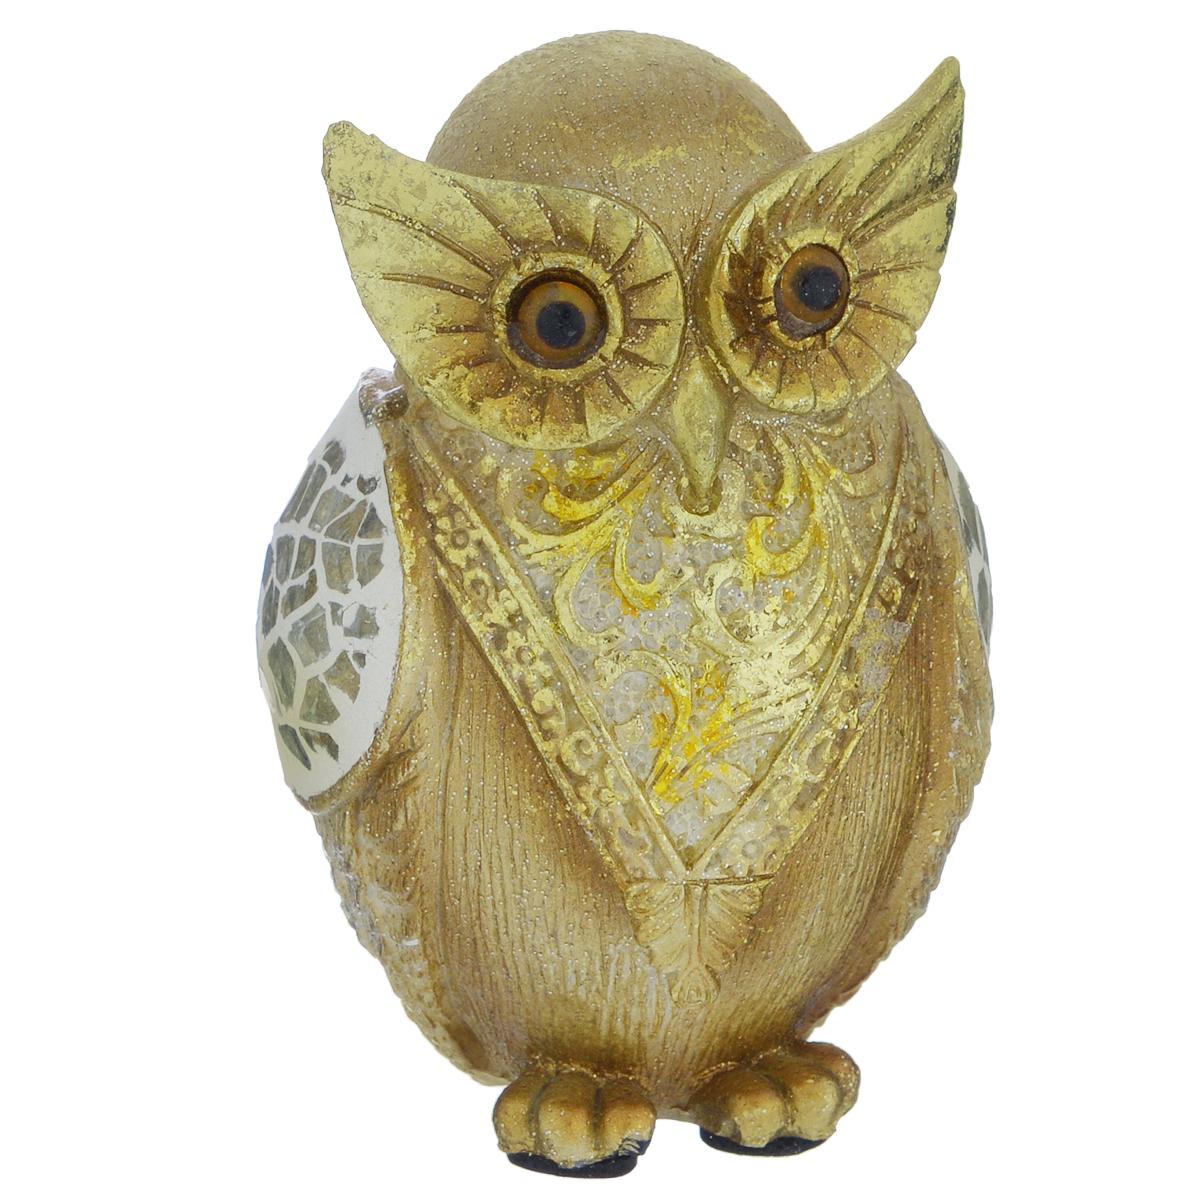 Фигурка декоративная Molento Золотая сова, высота 8,5 см549-198Декоративная фигурка Molento Золотая сова, изготовленная из полистоуна, выполнена в виде совы и украшена блестками. Такая фигурка станет отличным дополнением к интерьеру. Вы можете поставить фигурку в любом месте, где она будет удачно смотреться, и радовать глаз. Кроме того, фигурка Золотая сова станет чудесным сувениром для ваших друзей и близких. Размер фигурки: 5,5 см х 5 см х 8,5 см.